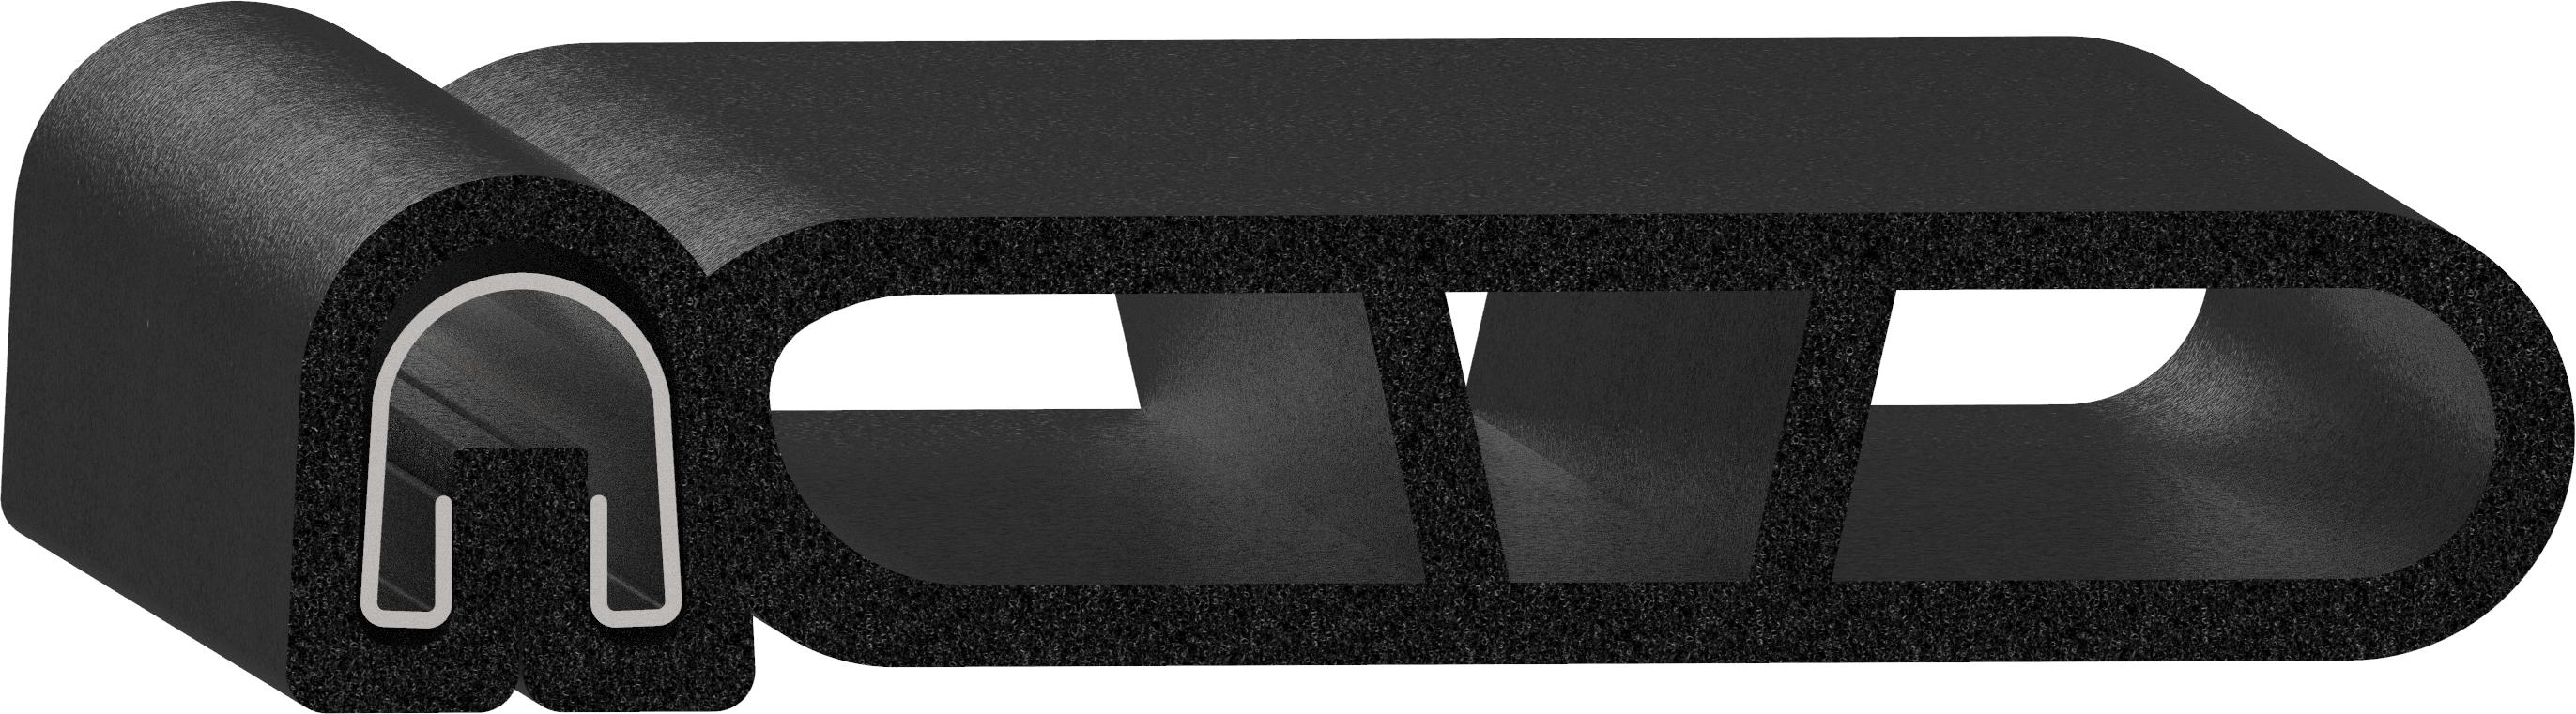 Uni-Grip part: SD-507